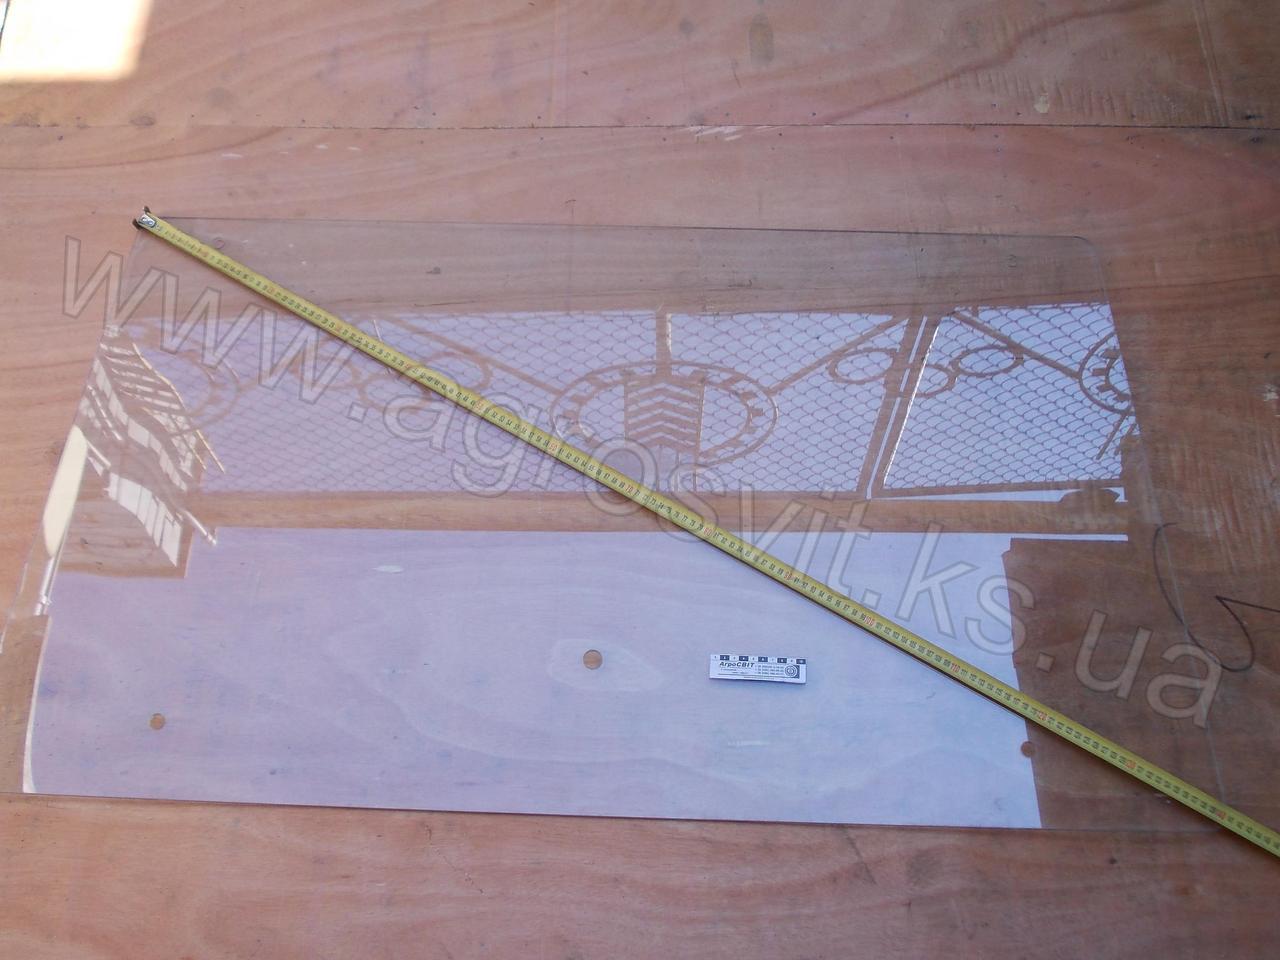 Стекло МТЗ-821-923 заднее (сталенит) 1300х712 (5 отверстий), арт. 822-6708951